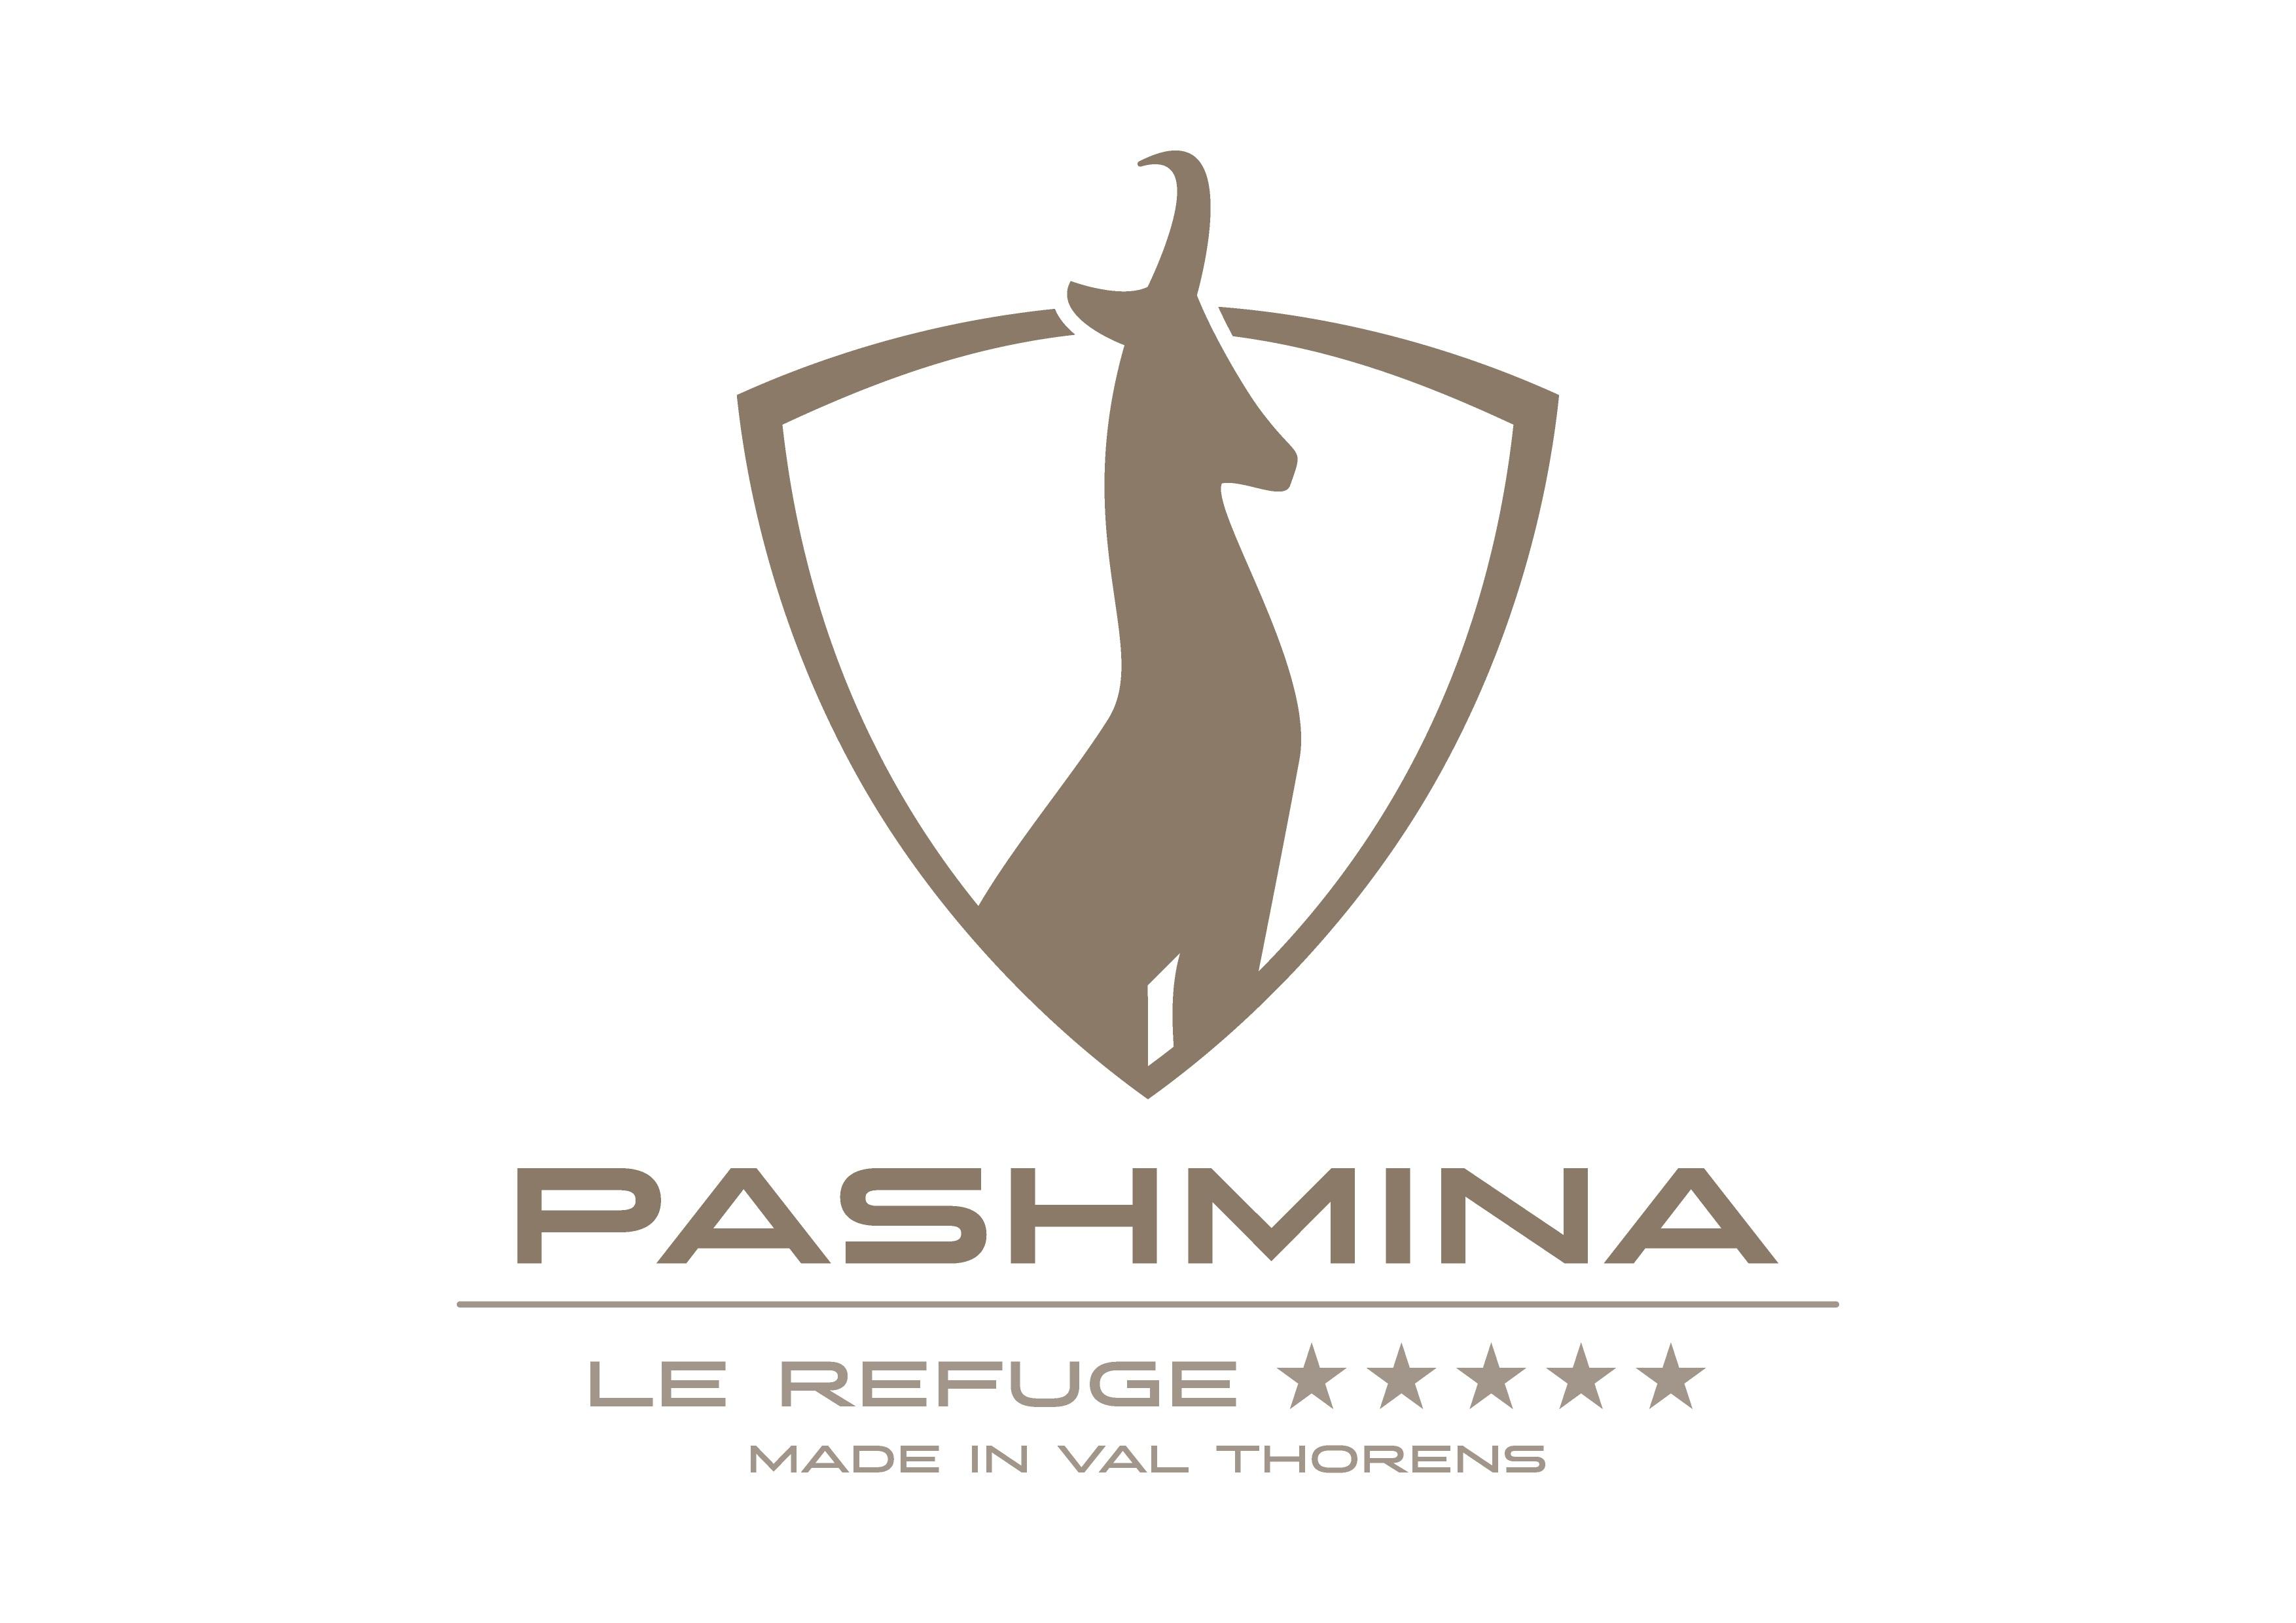 LOGO PASHMINA-01